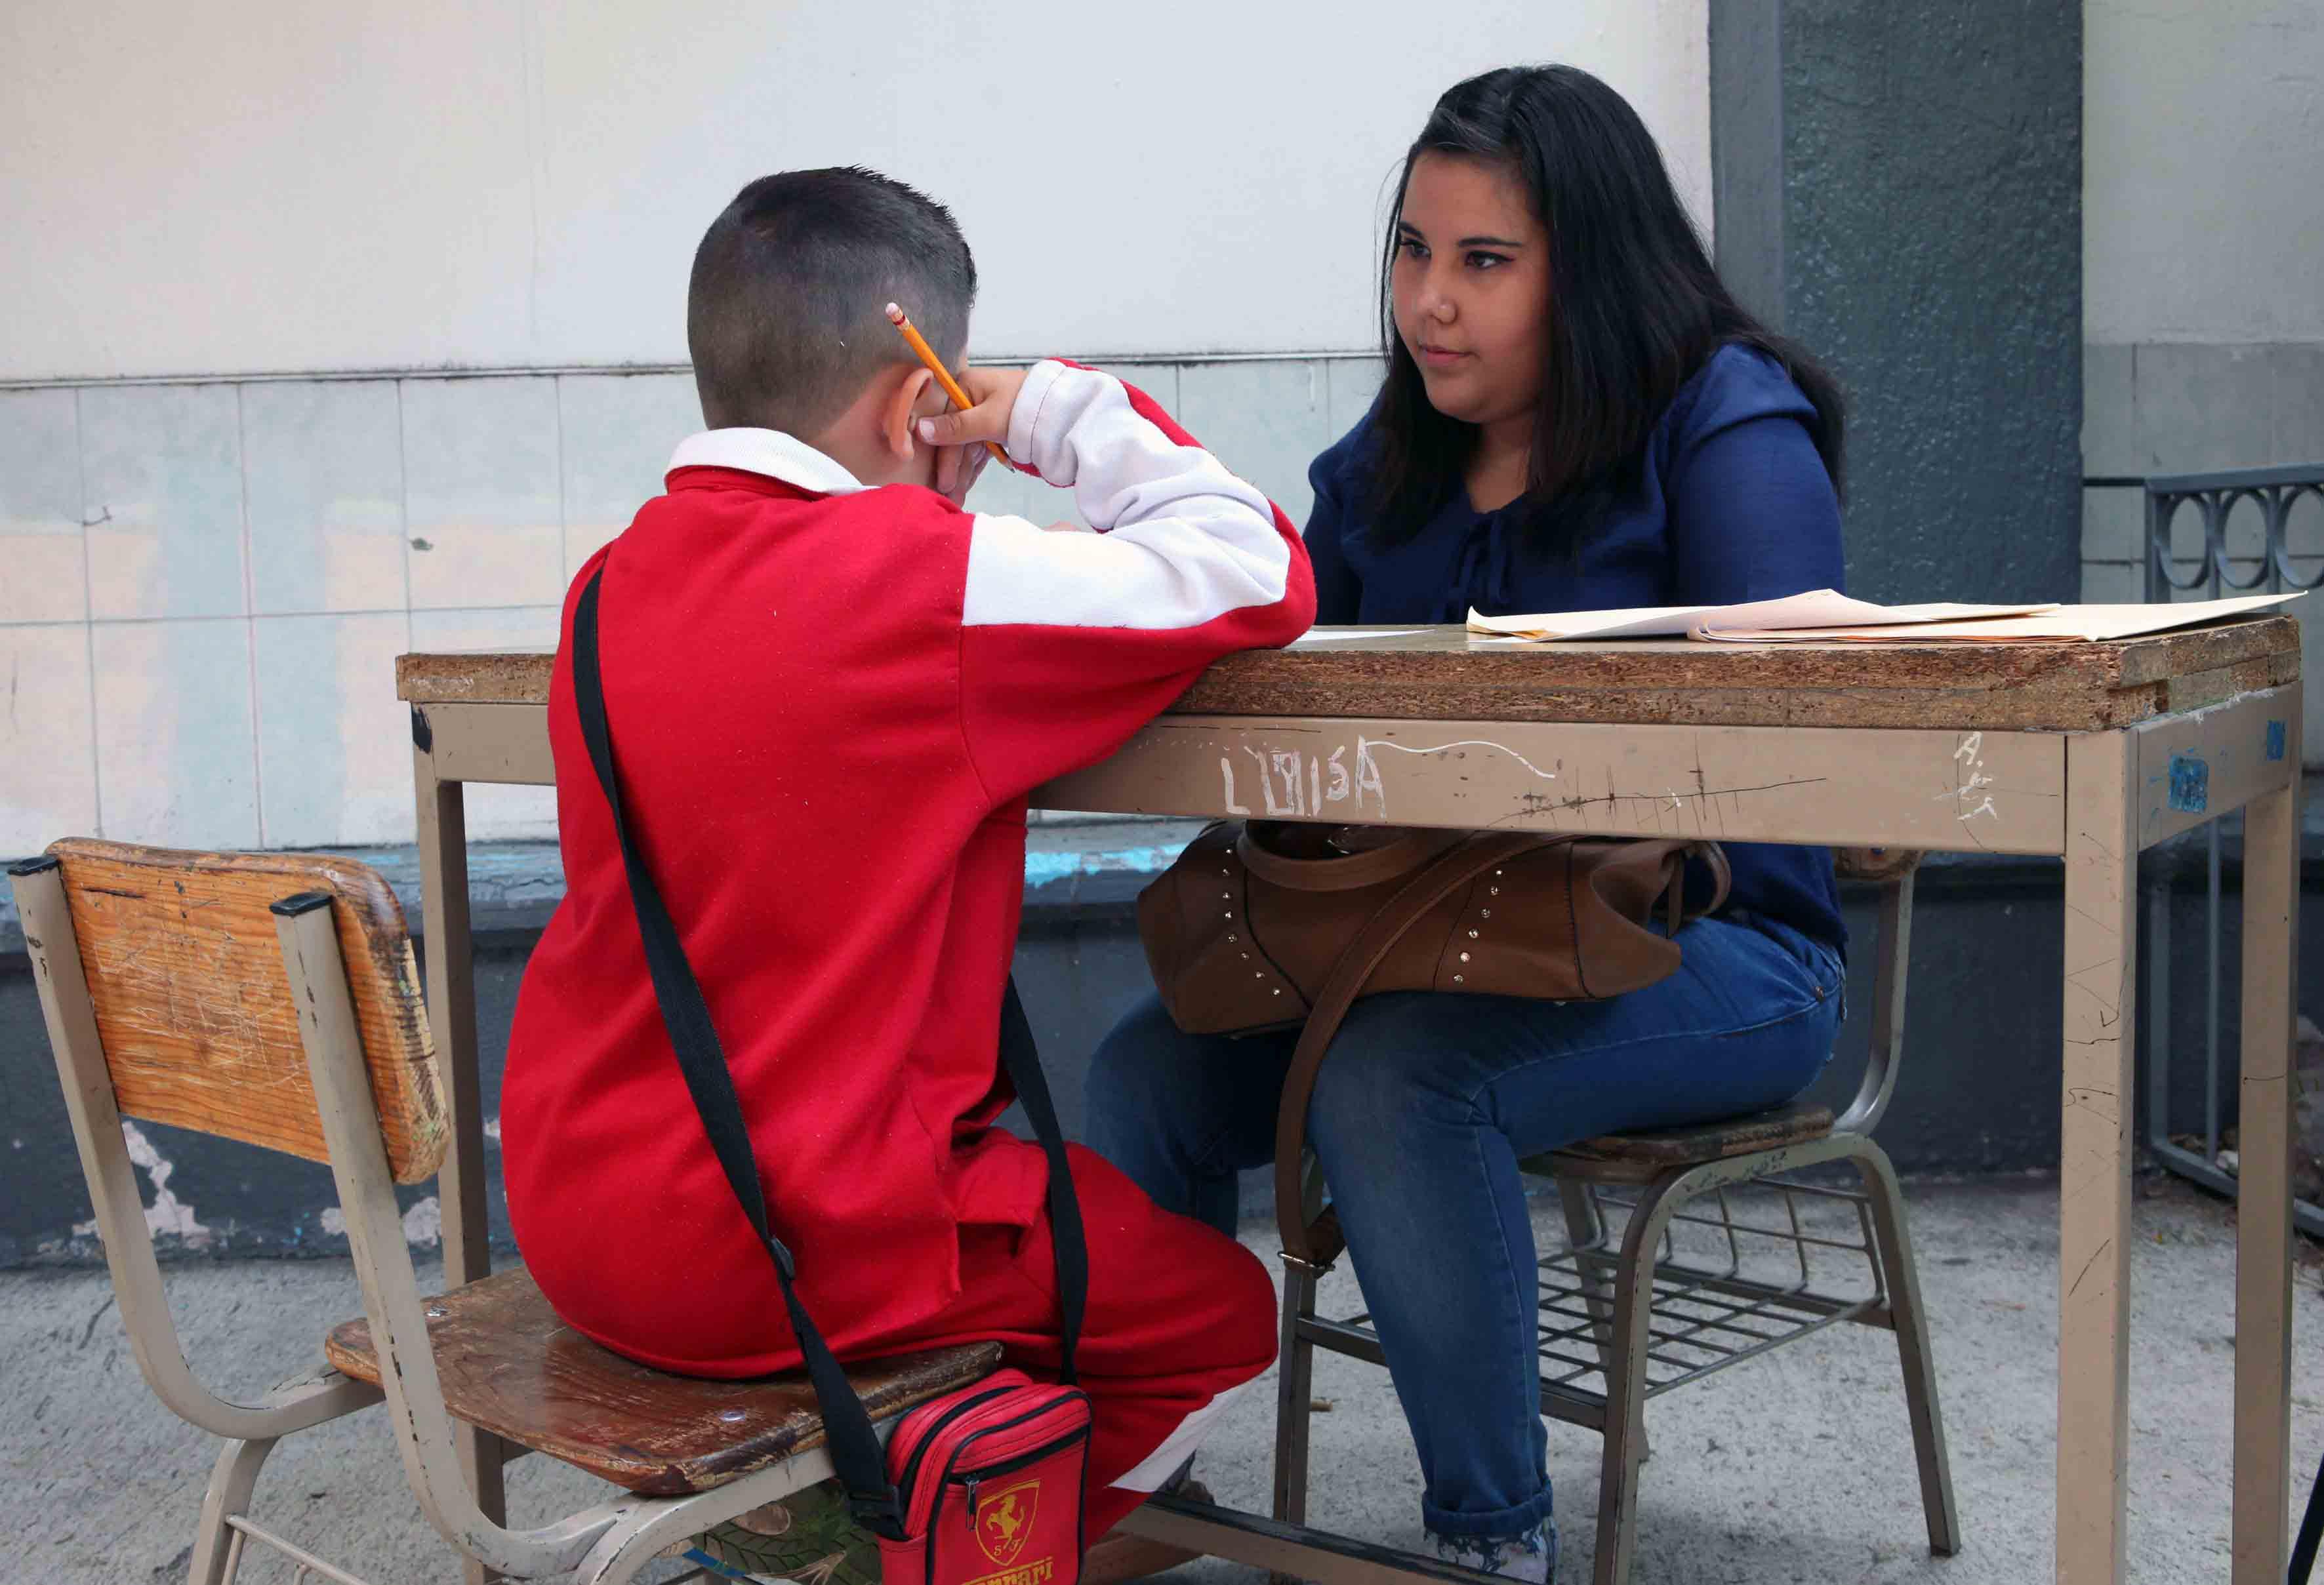 Mujer y niño en una mesa de trababjo